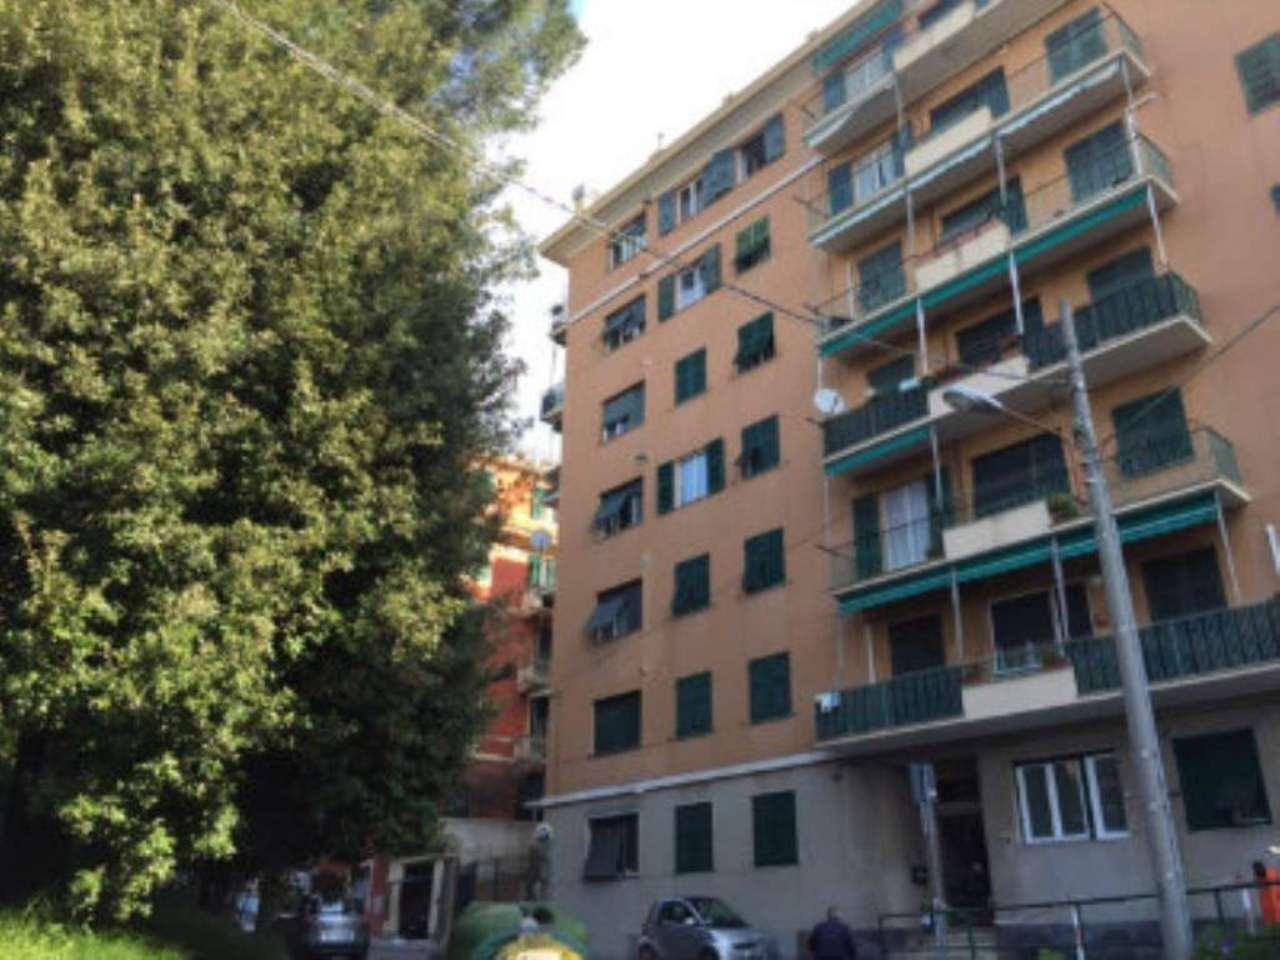 Bilocale Genova Via Reggio 11